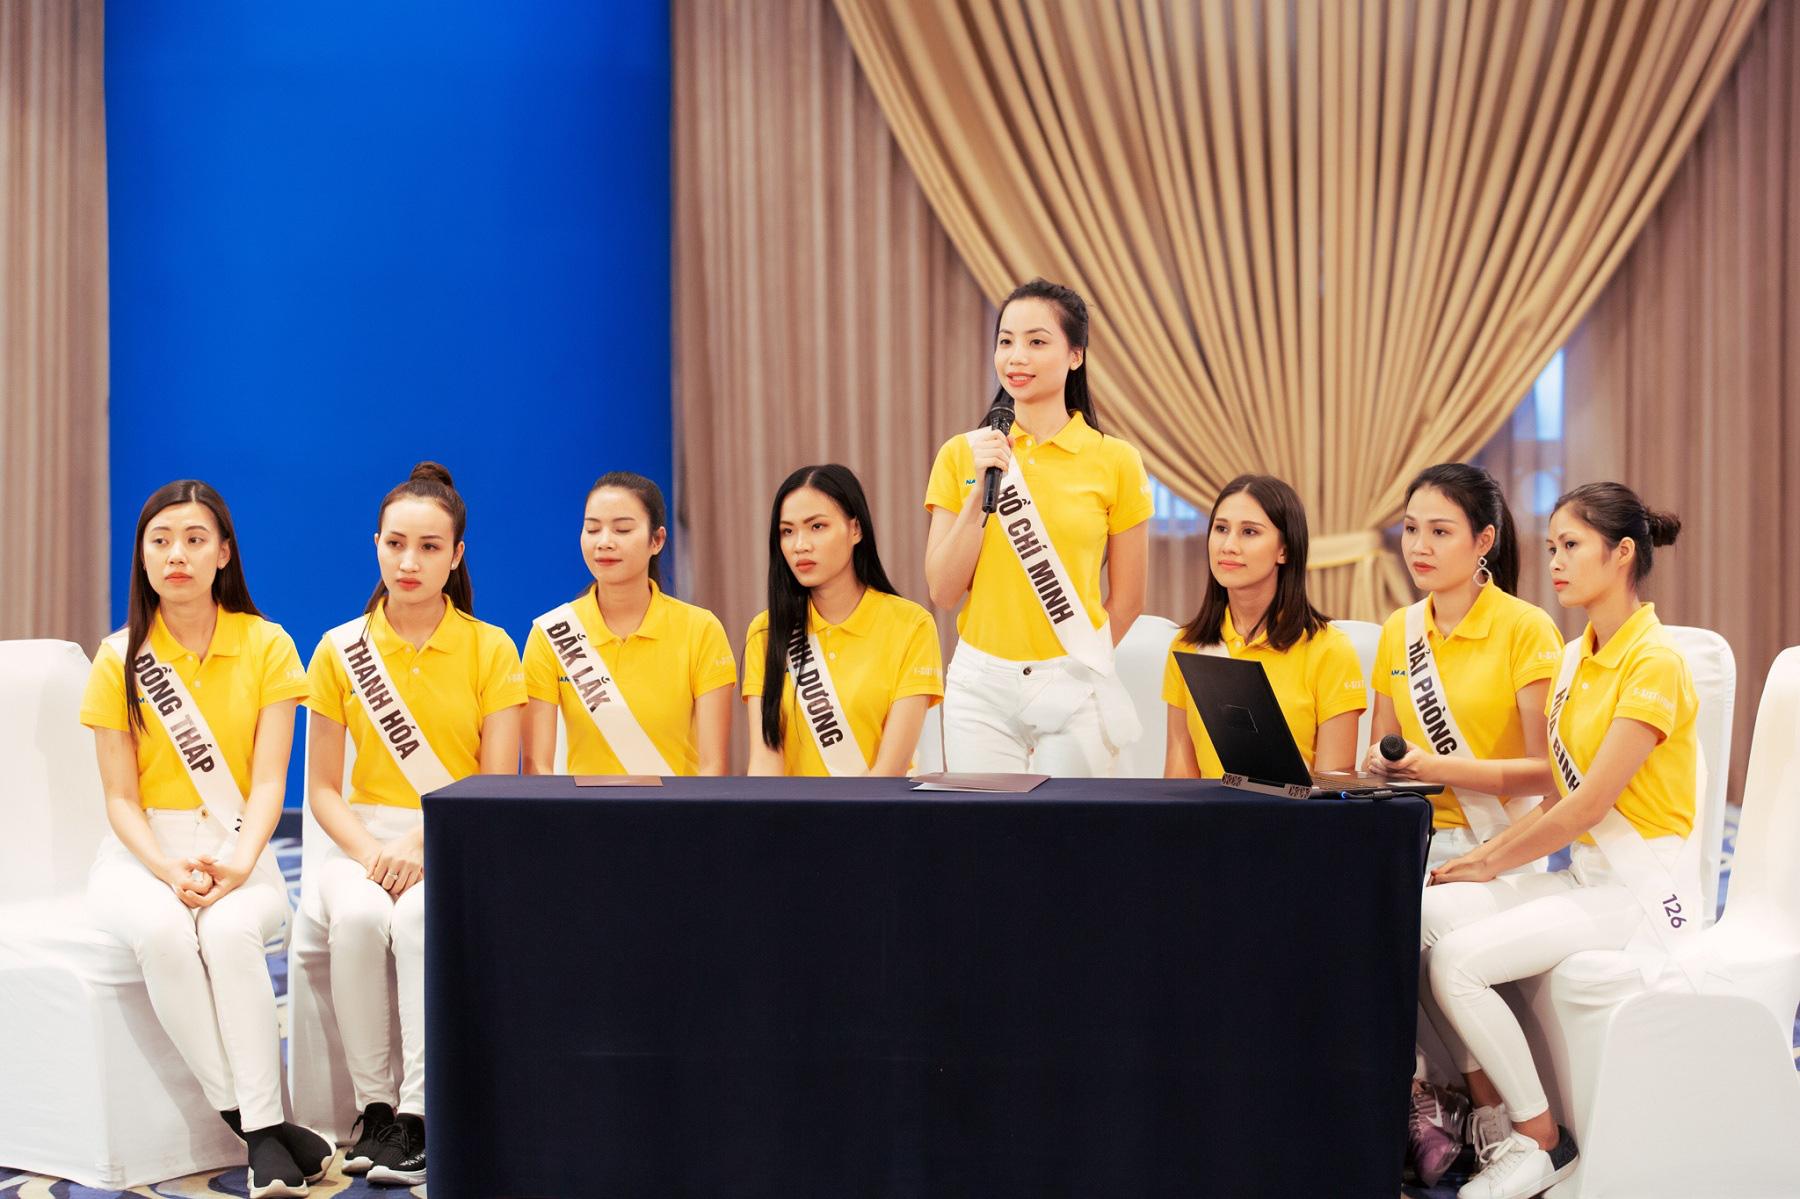 Nam Á Bank tư vấn kỹ năng xây dựng doanh nghiệp xã hội cho top 60 Hoa hậu Hoàn vũ Việt Nam 2019 - Ảnh 2.